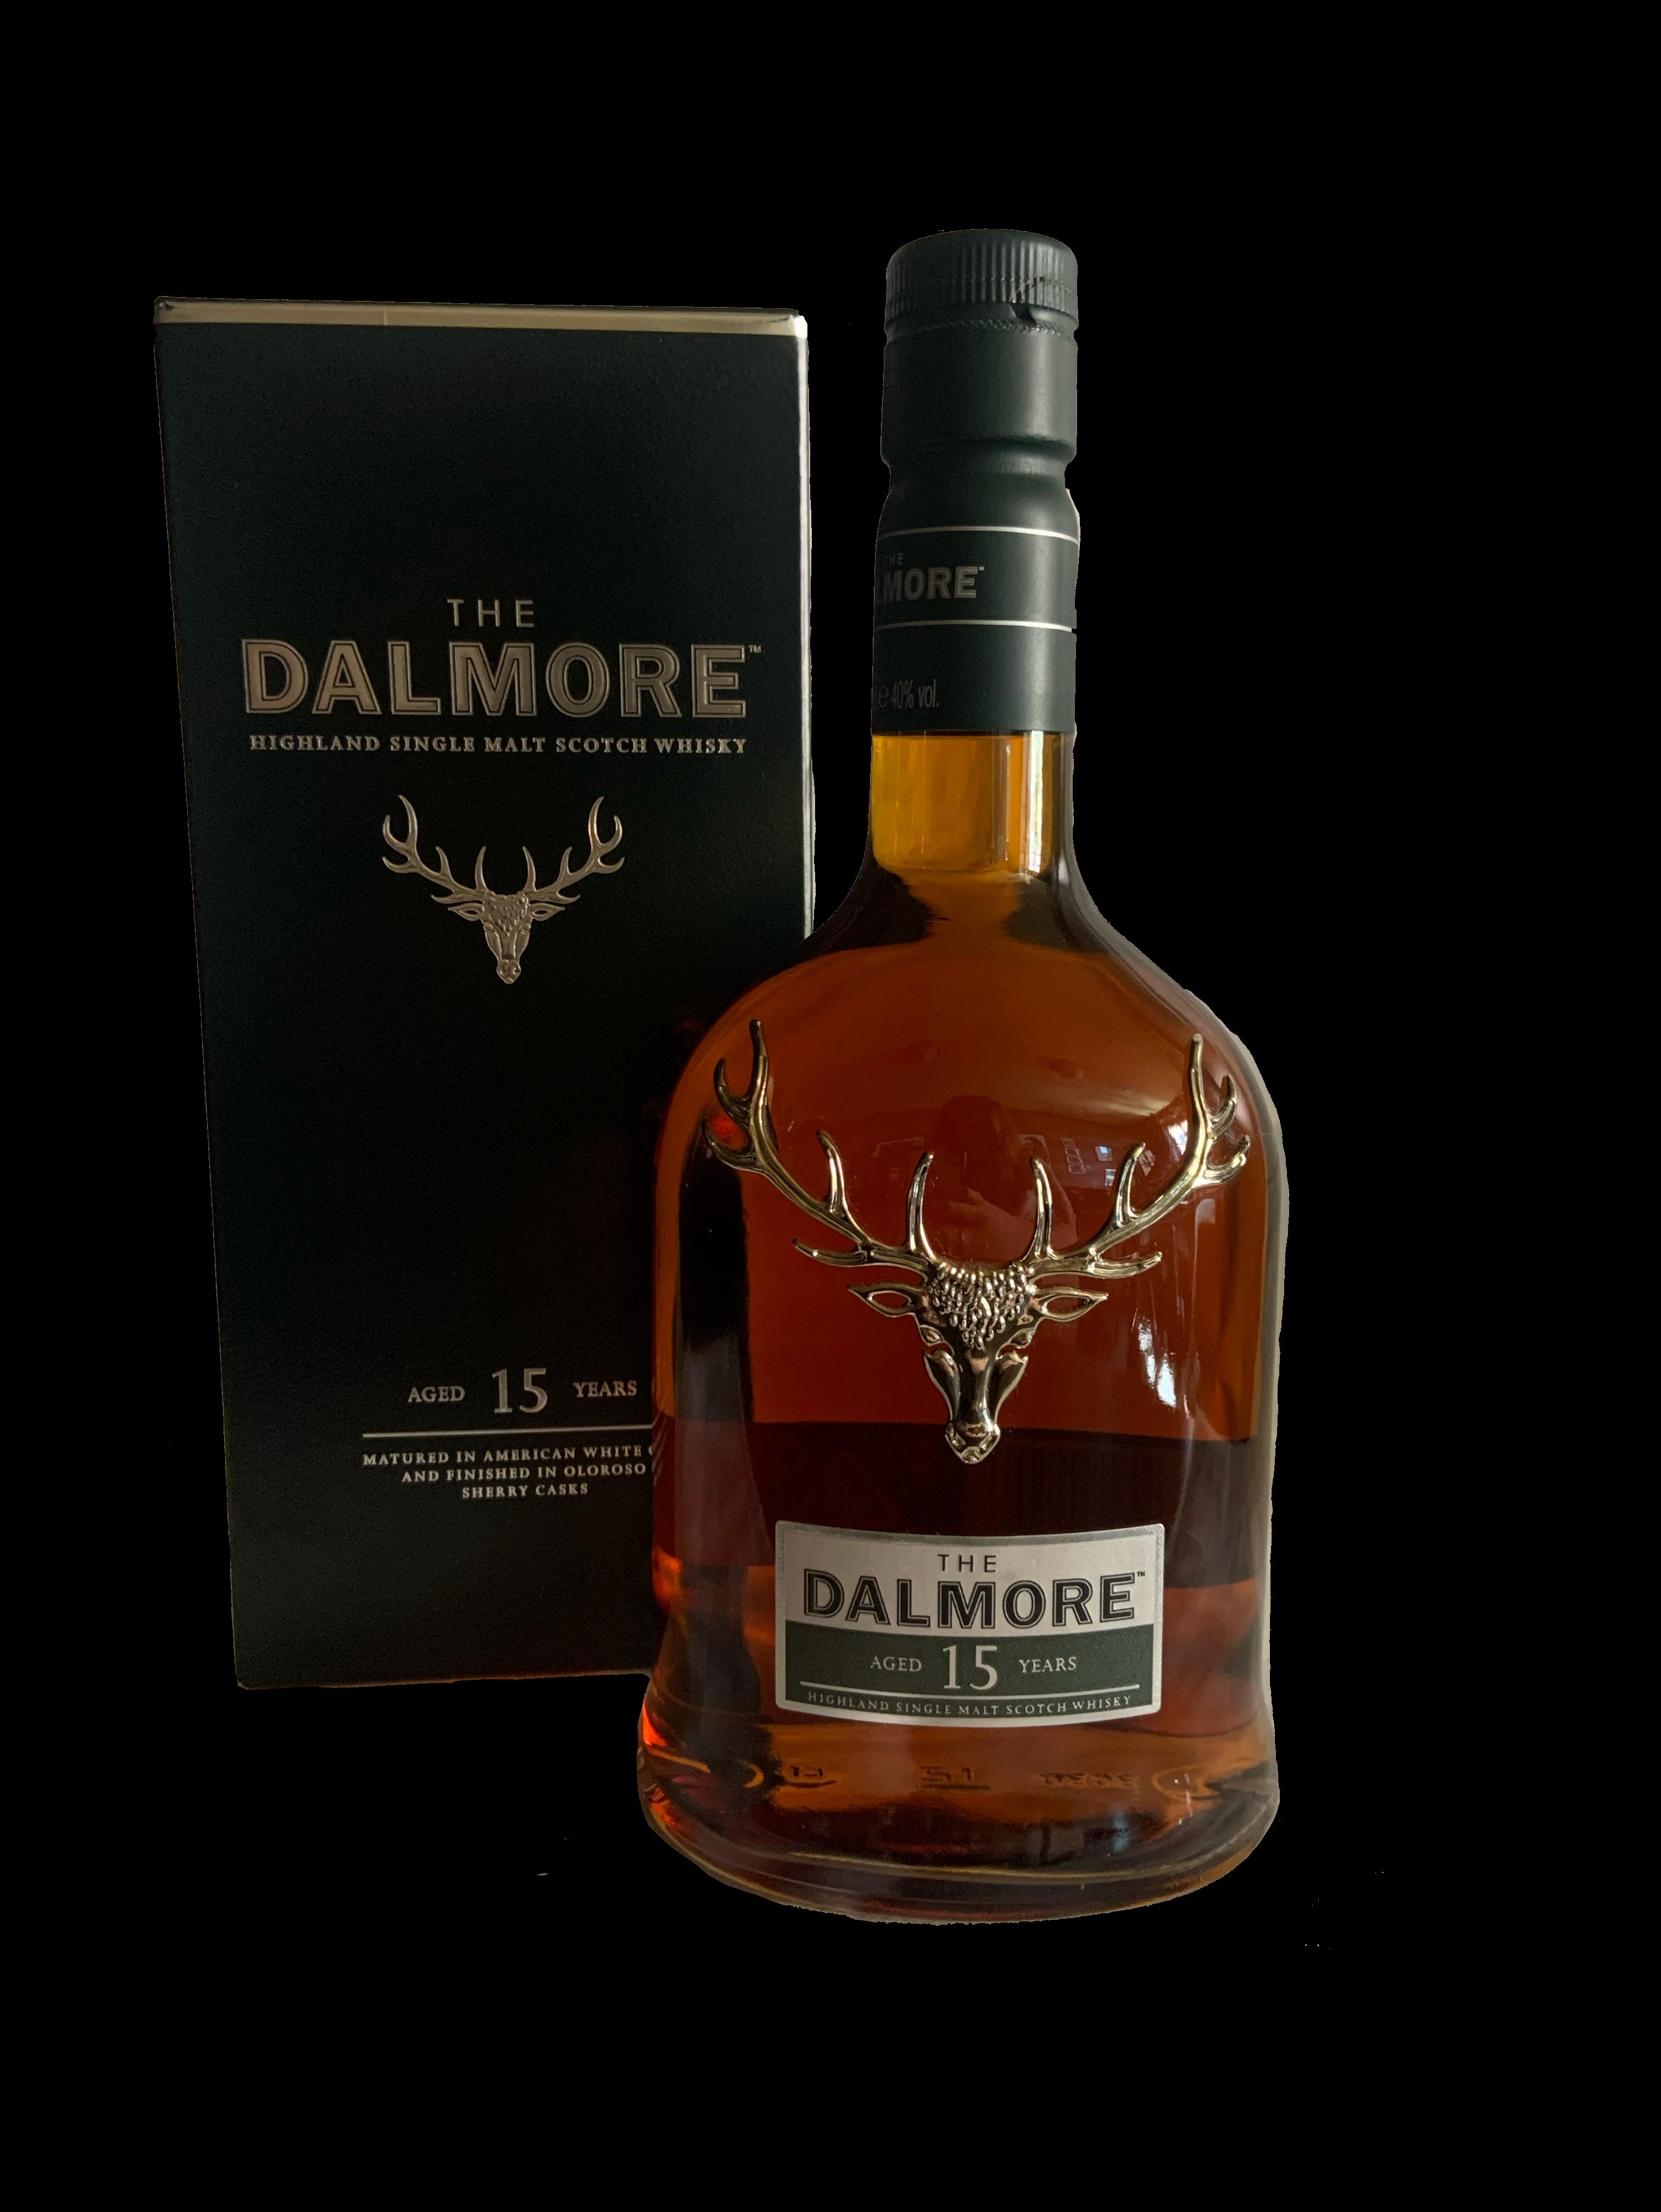 The Dalmore 15